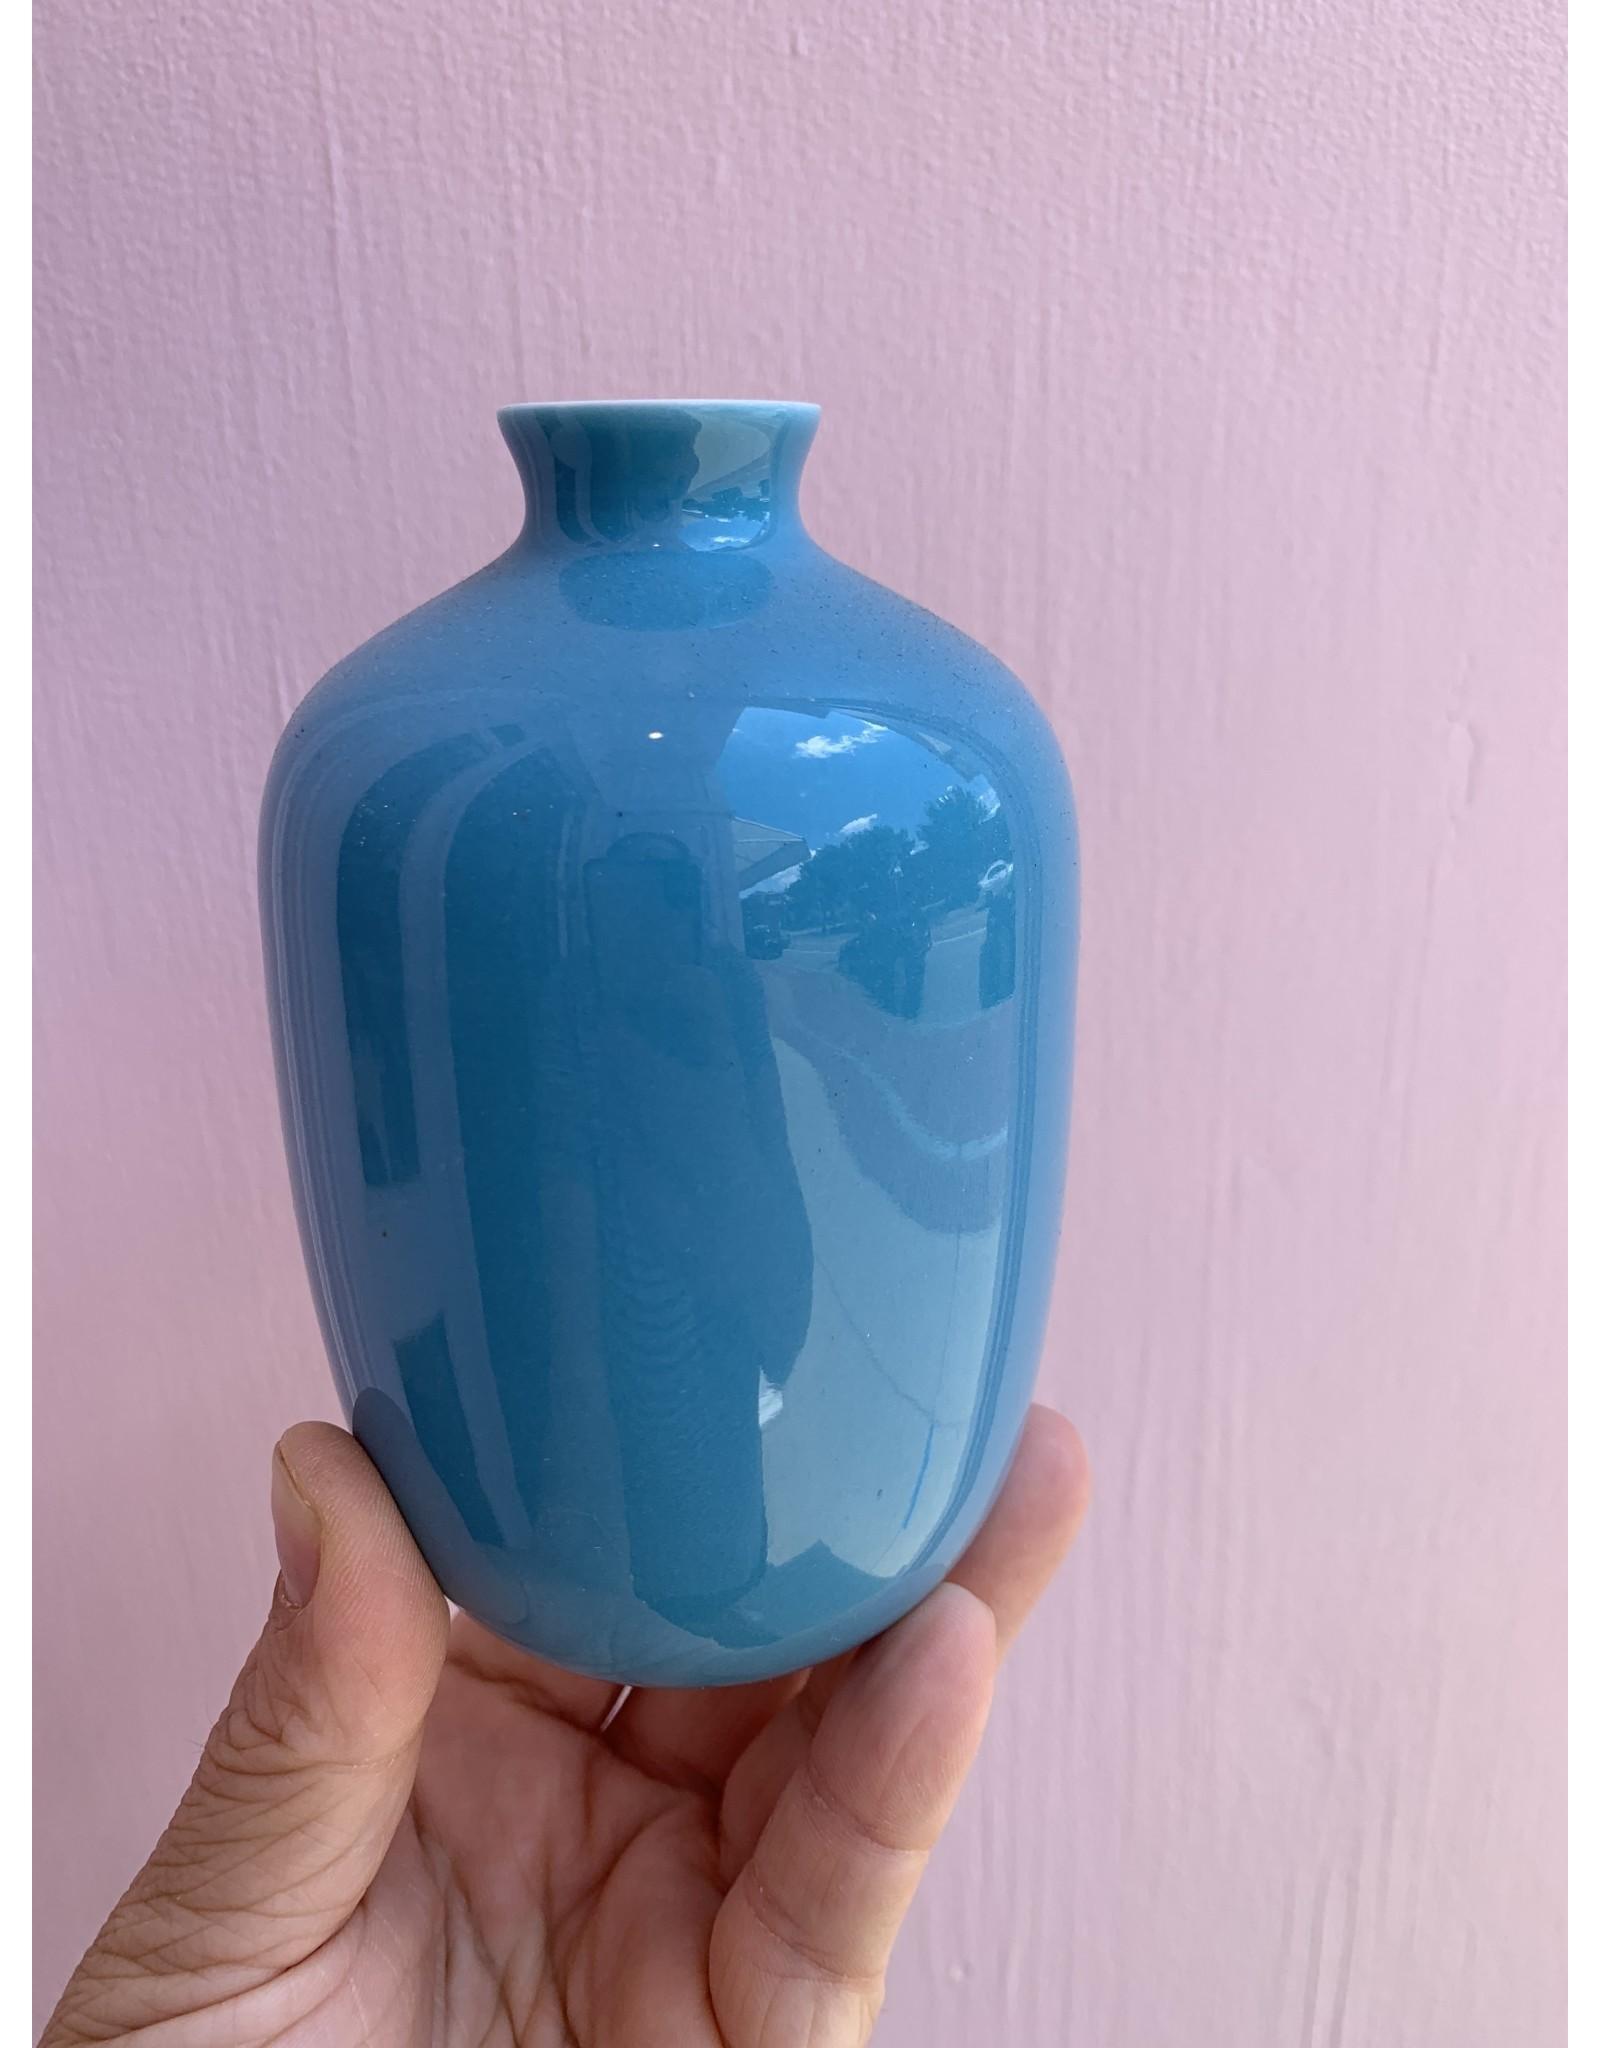 Middle Kingdom Mini Vase Plum Turquoise